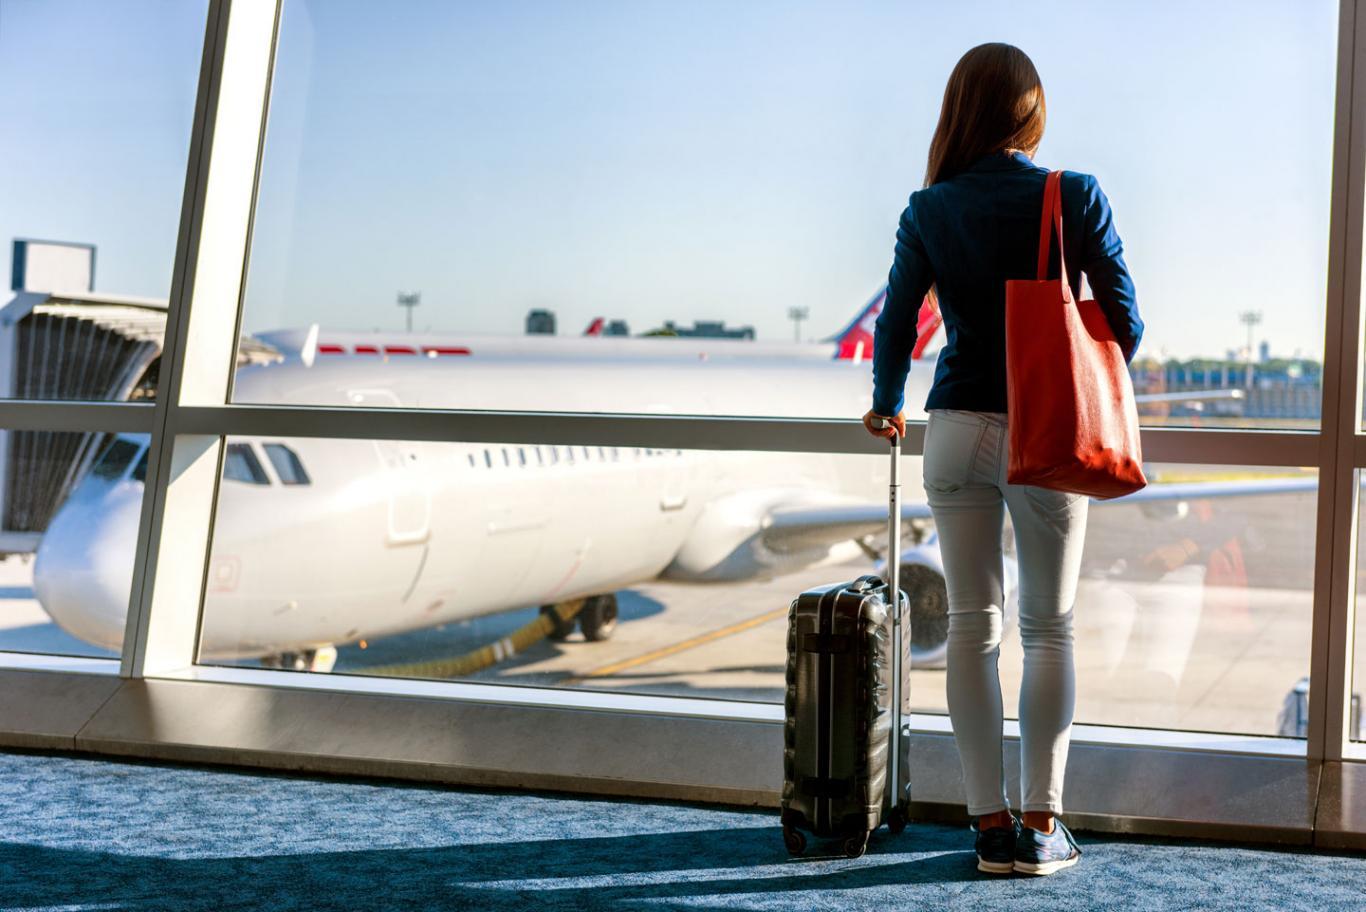 Mujer de espaldas mirando un avión desde las ventanas de la terminal del aeropuerto